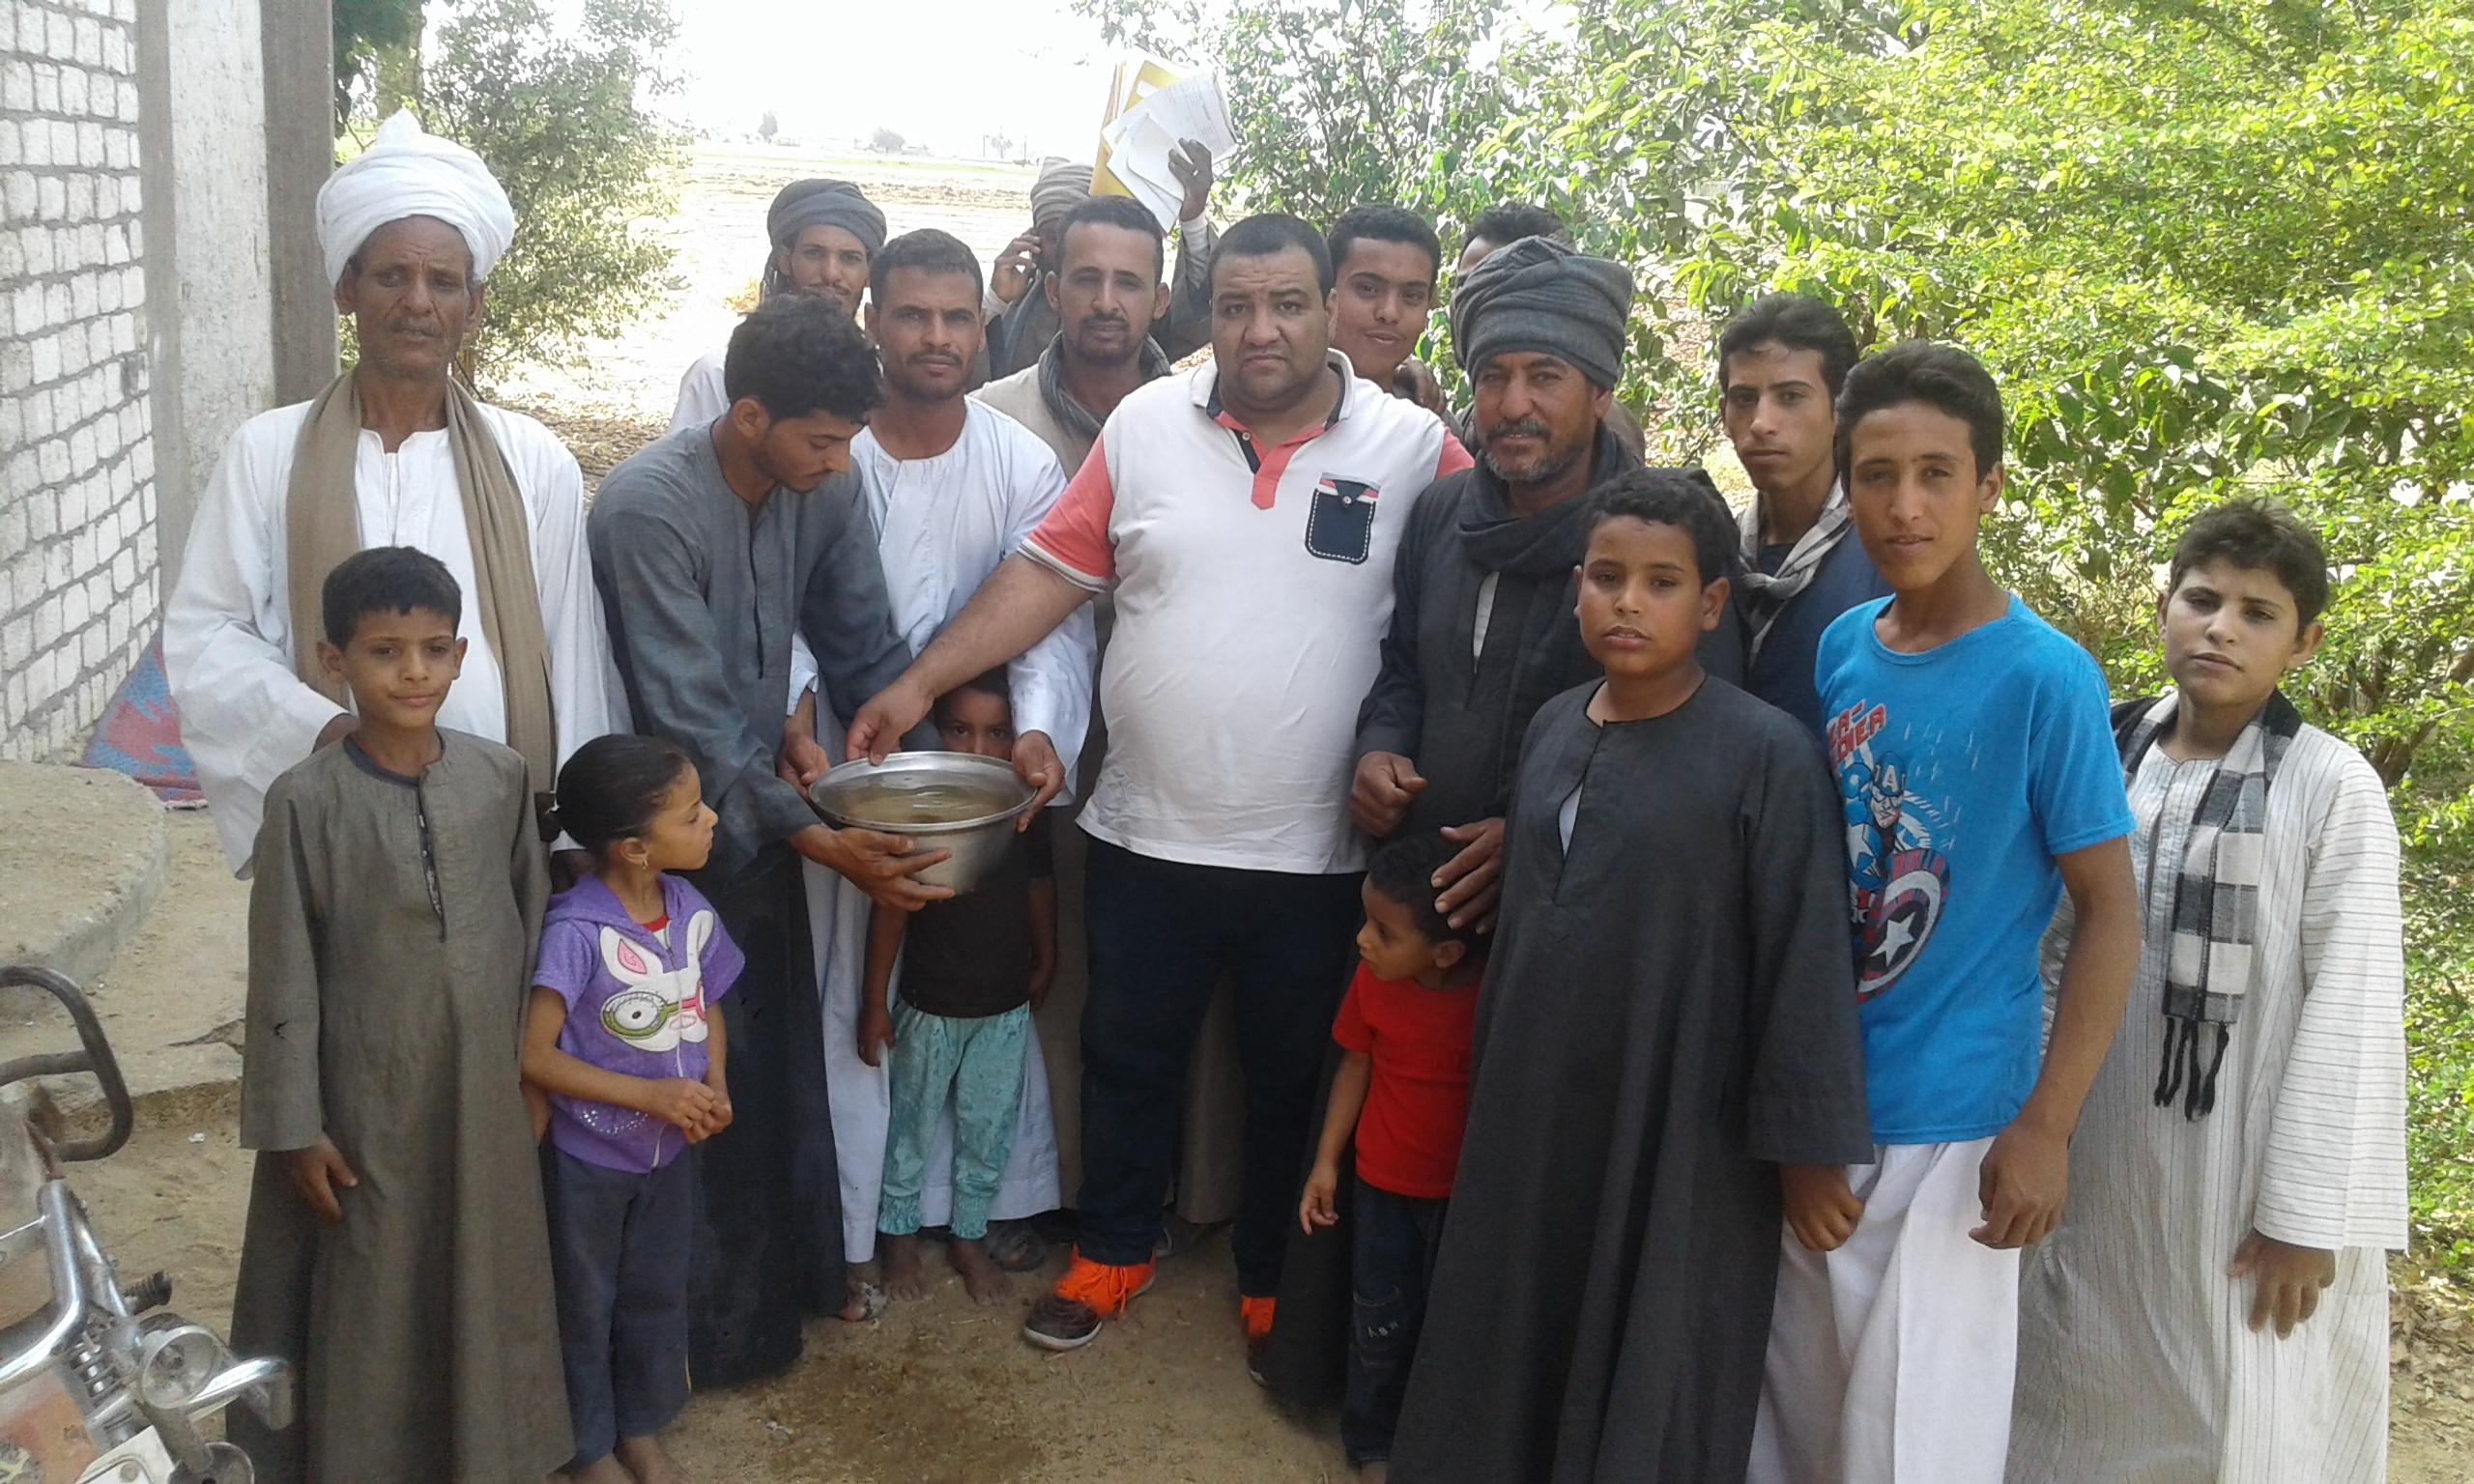 محرر المرصد الإخباري مع أهالى نجع مسلم